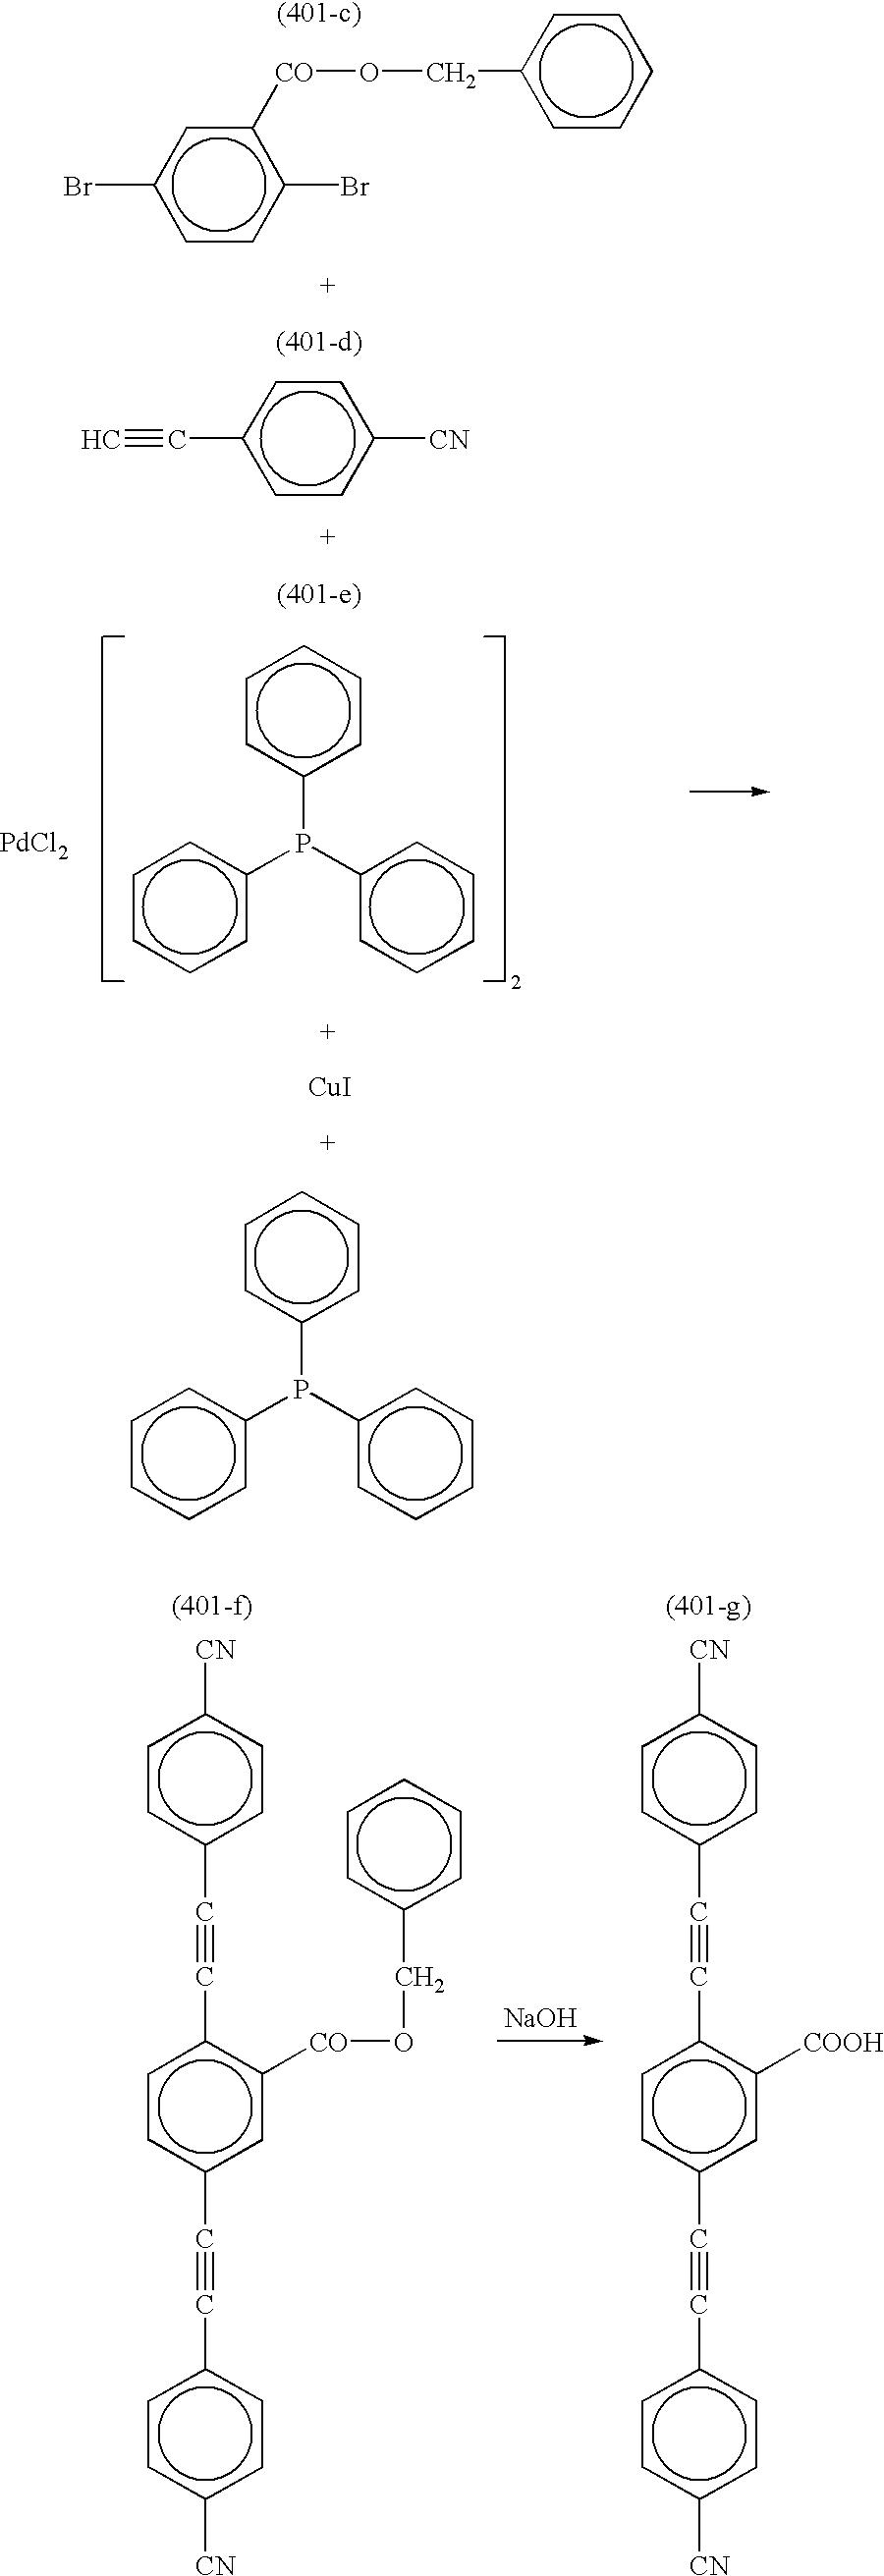 Figure US20030011725A1-20030116-C00019